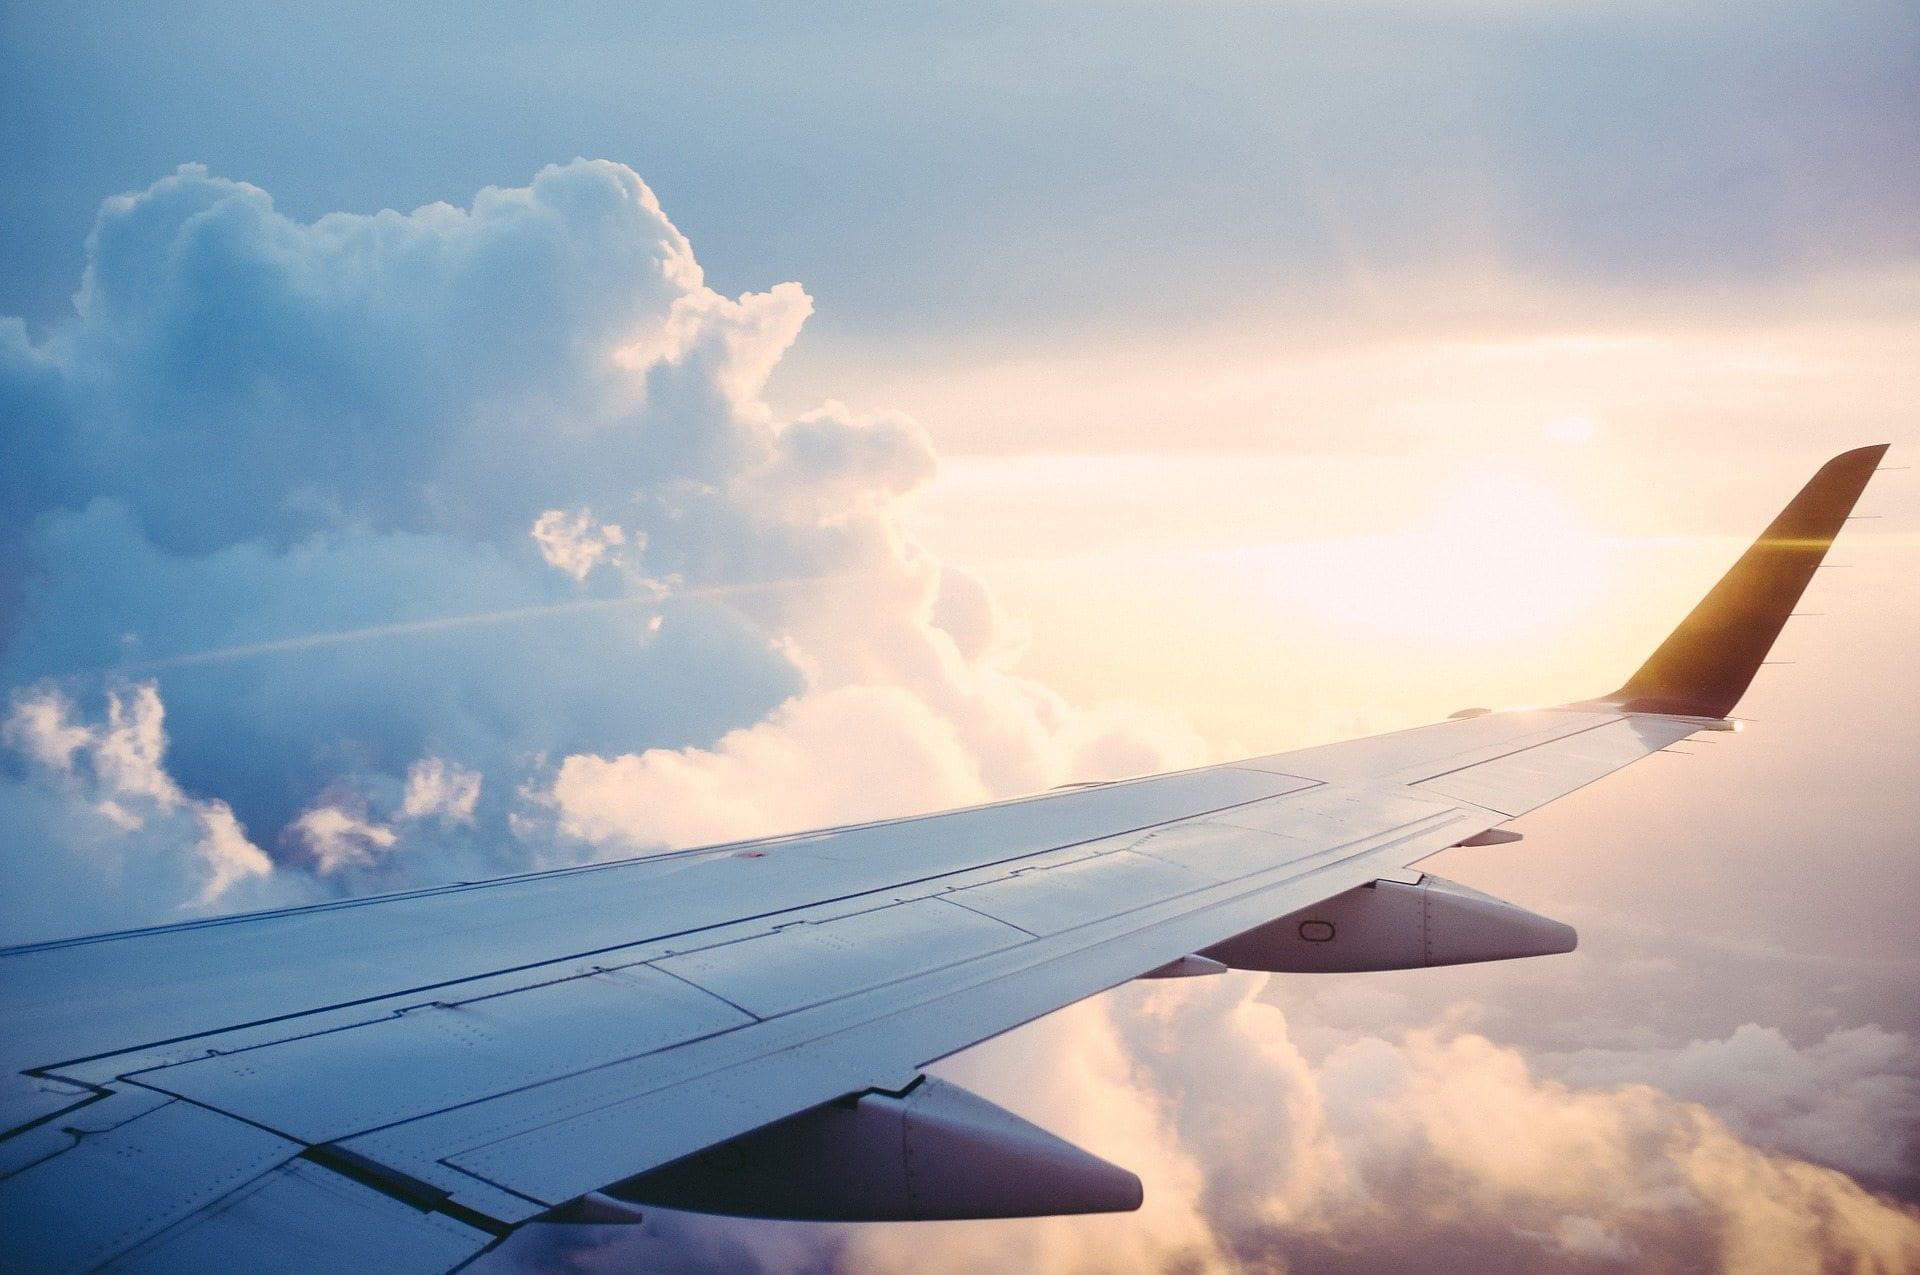 Urteil Zu Nachforderung Wegen Verfallenem Flugsegment